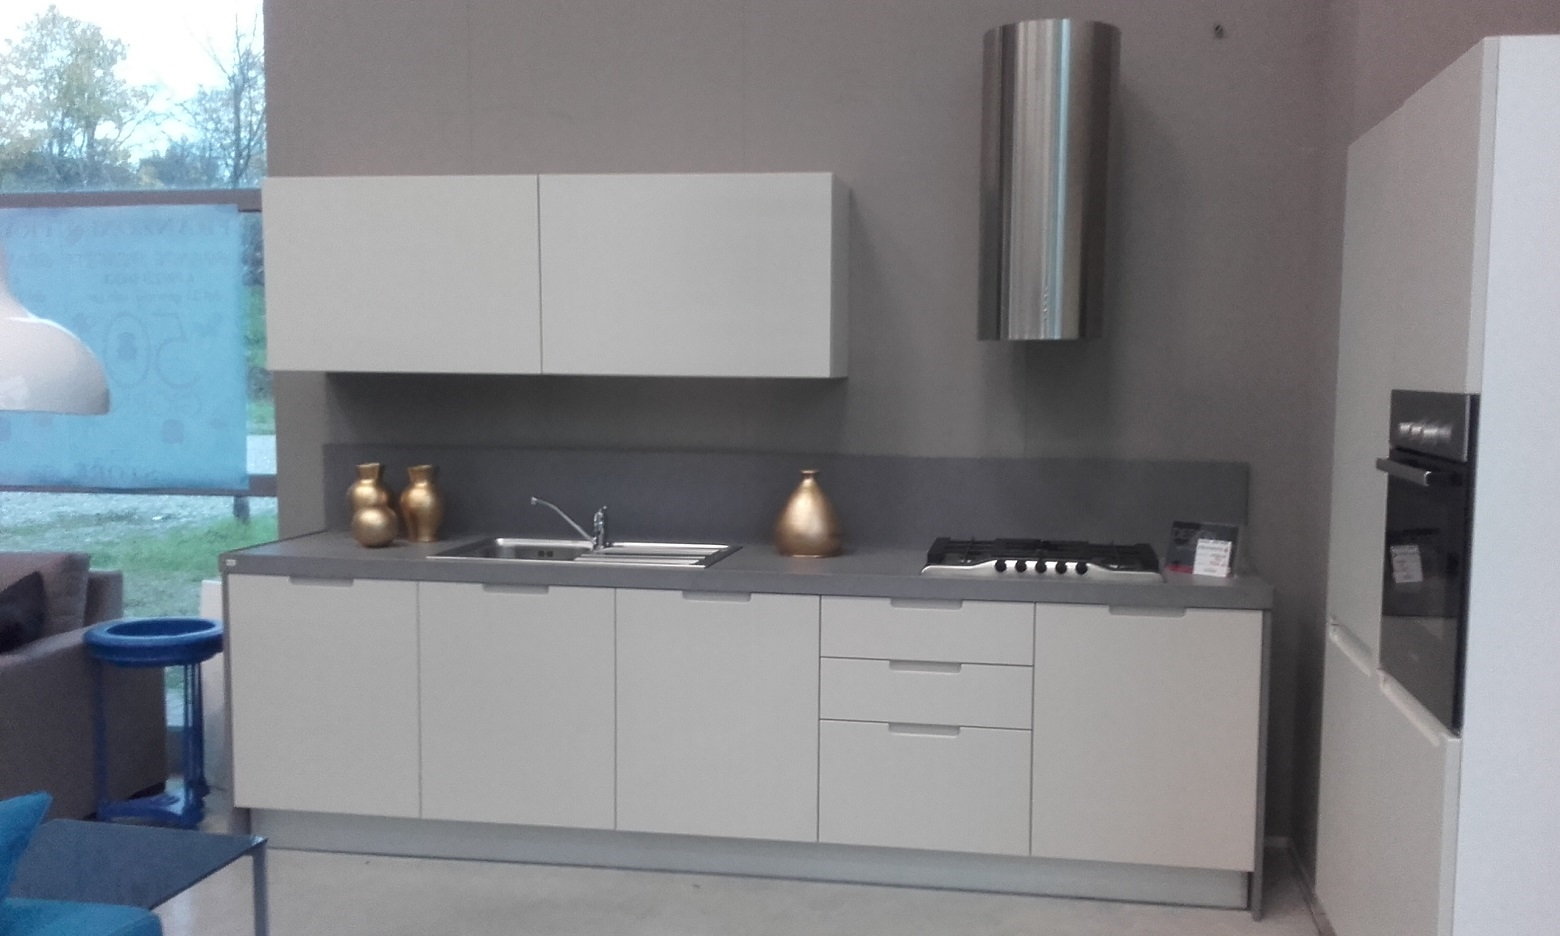 Cucina miton laminato design cucine a prezzi scontati - Laminato in cucina ...